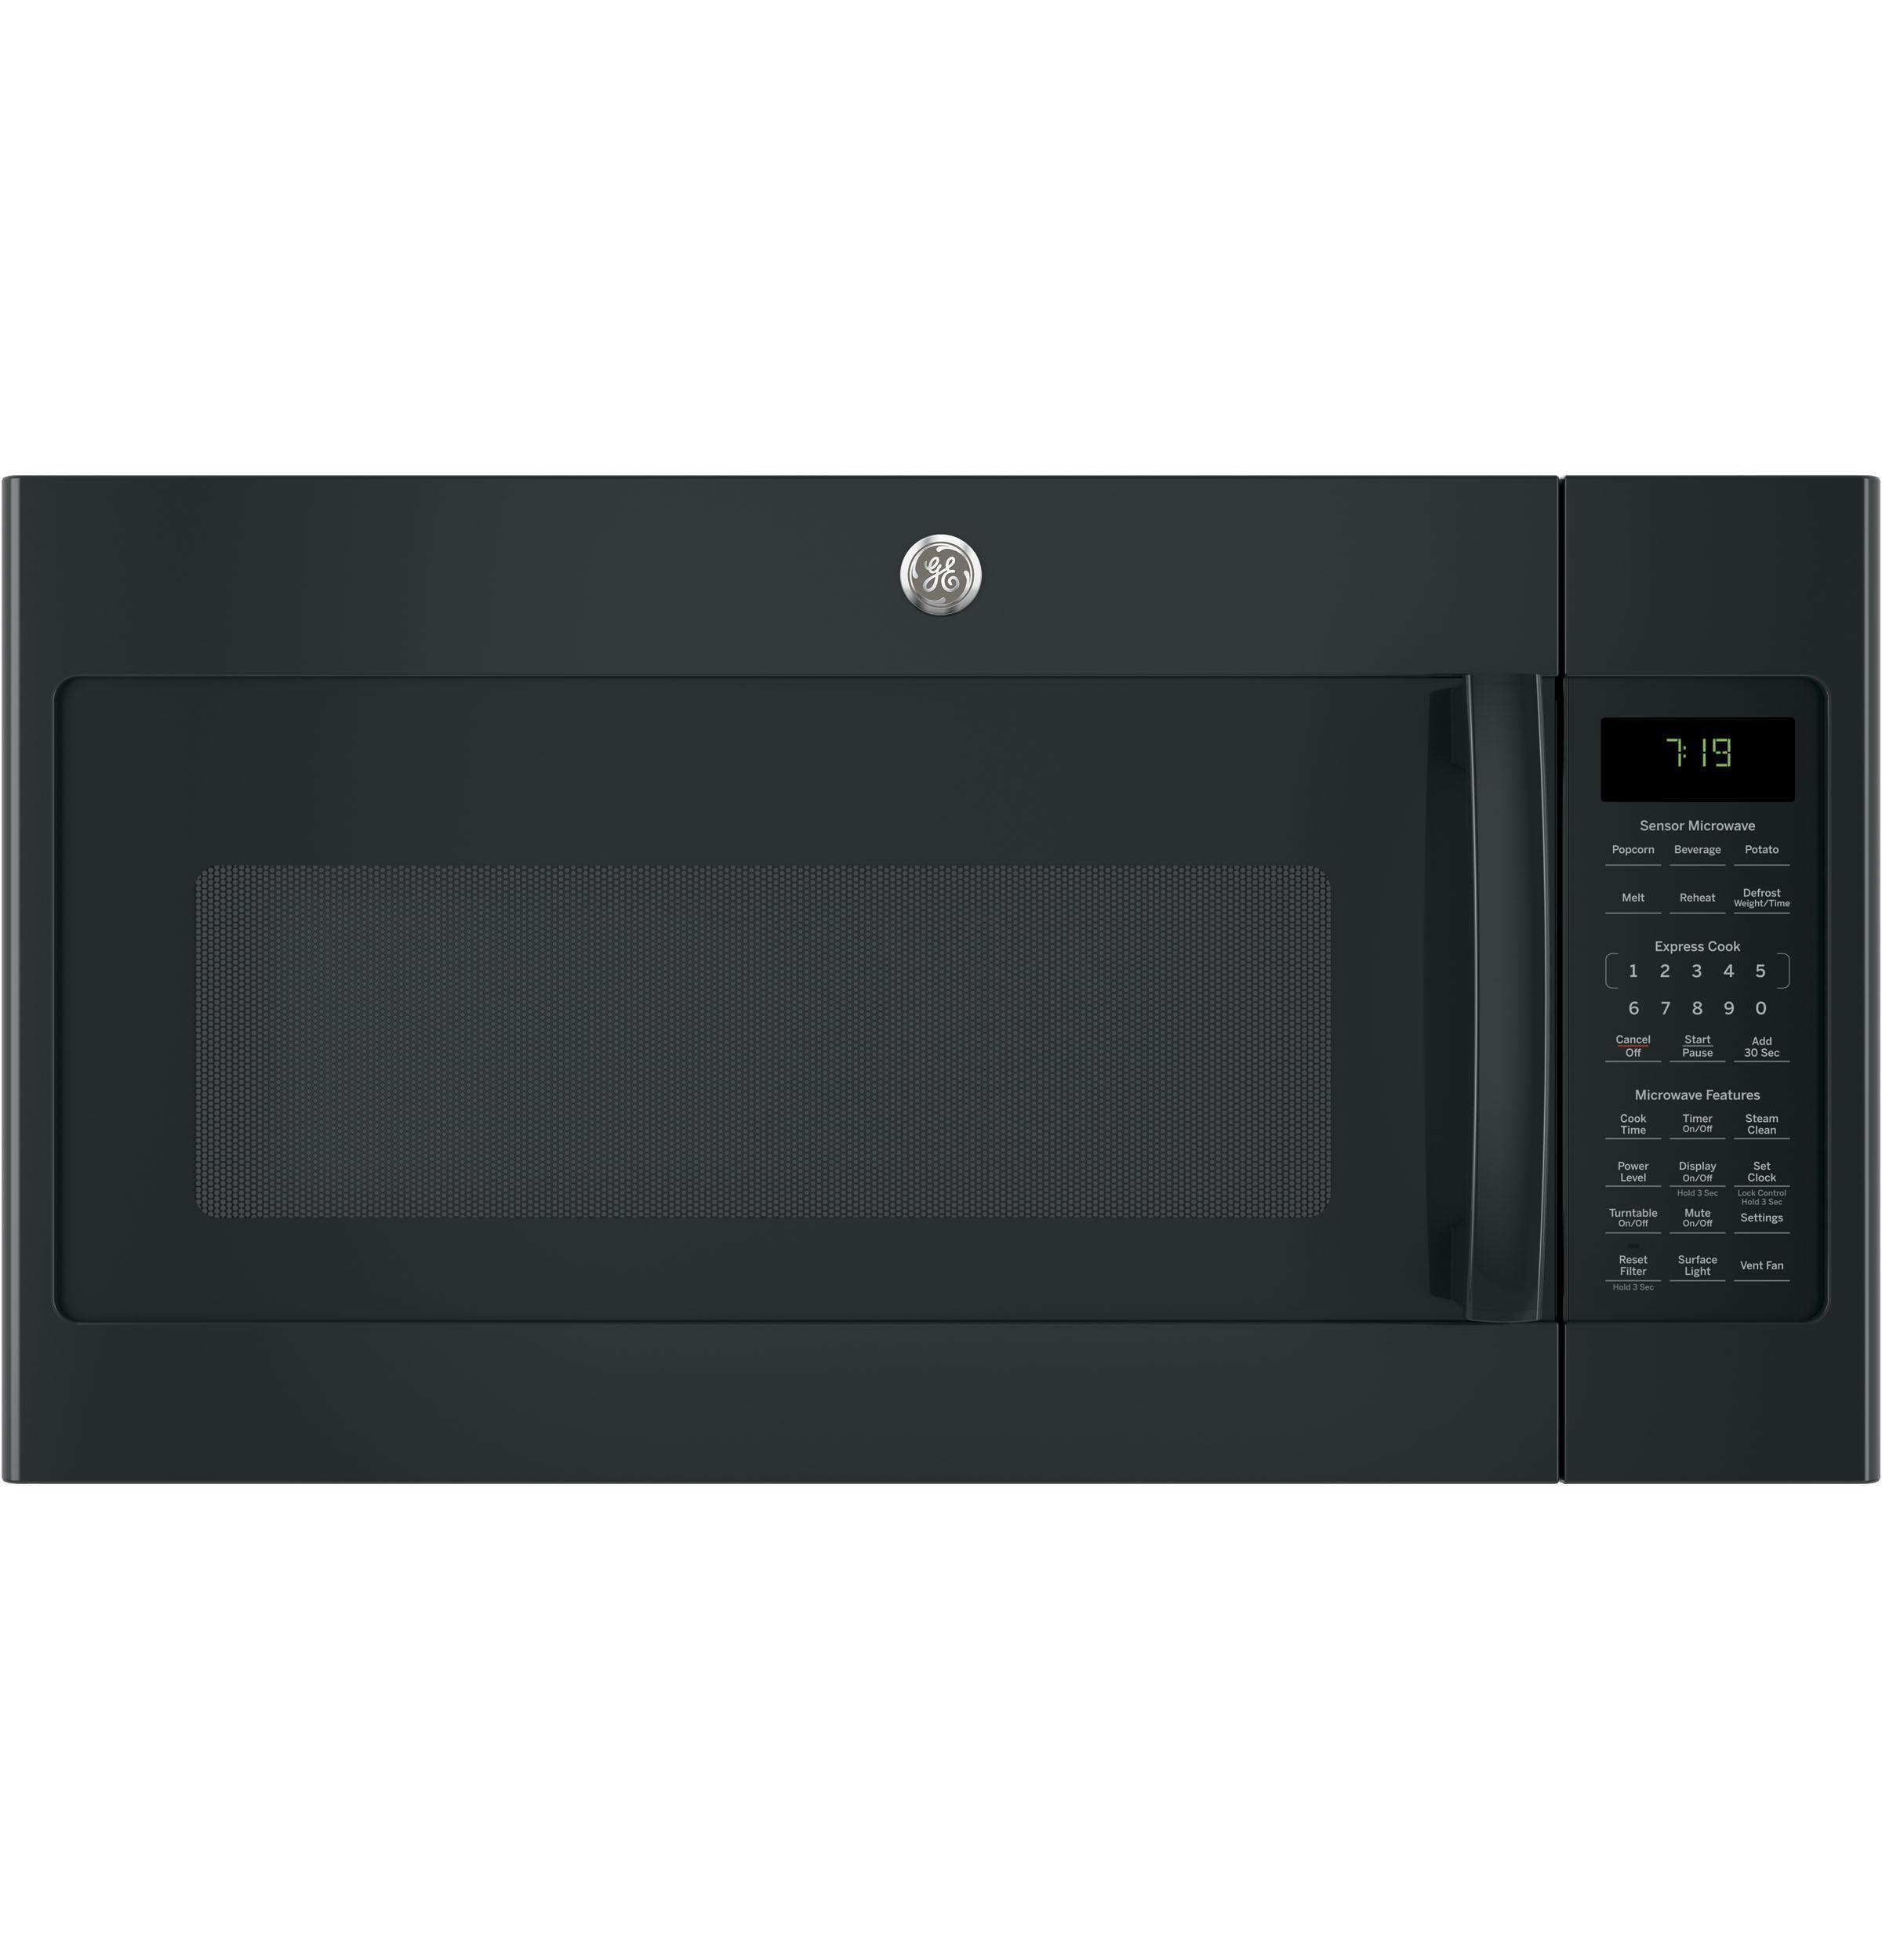 GE(R) 1.9 Cu. Ft. Over-the-Range Sensor Microwave Oven  BLACK